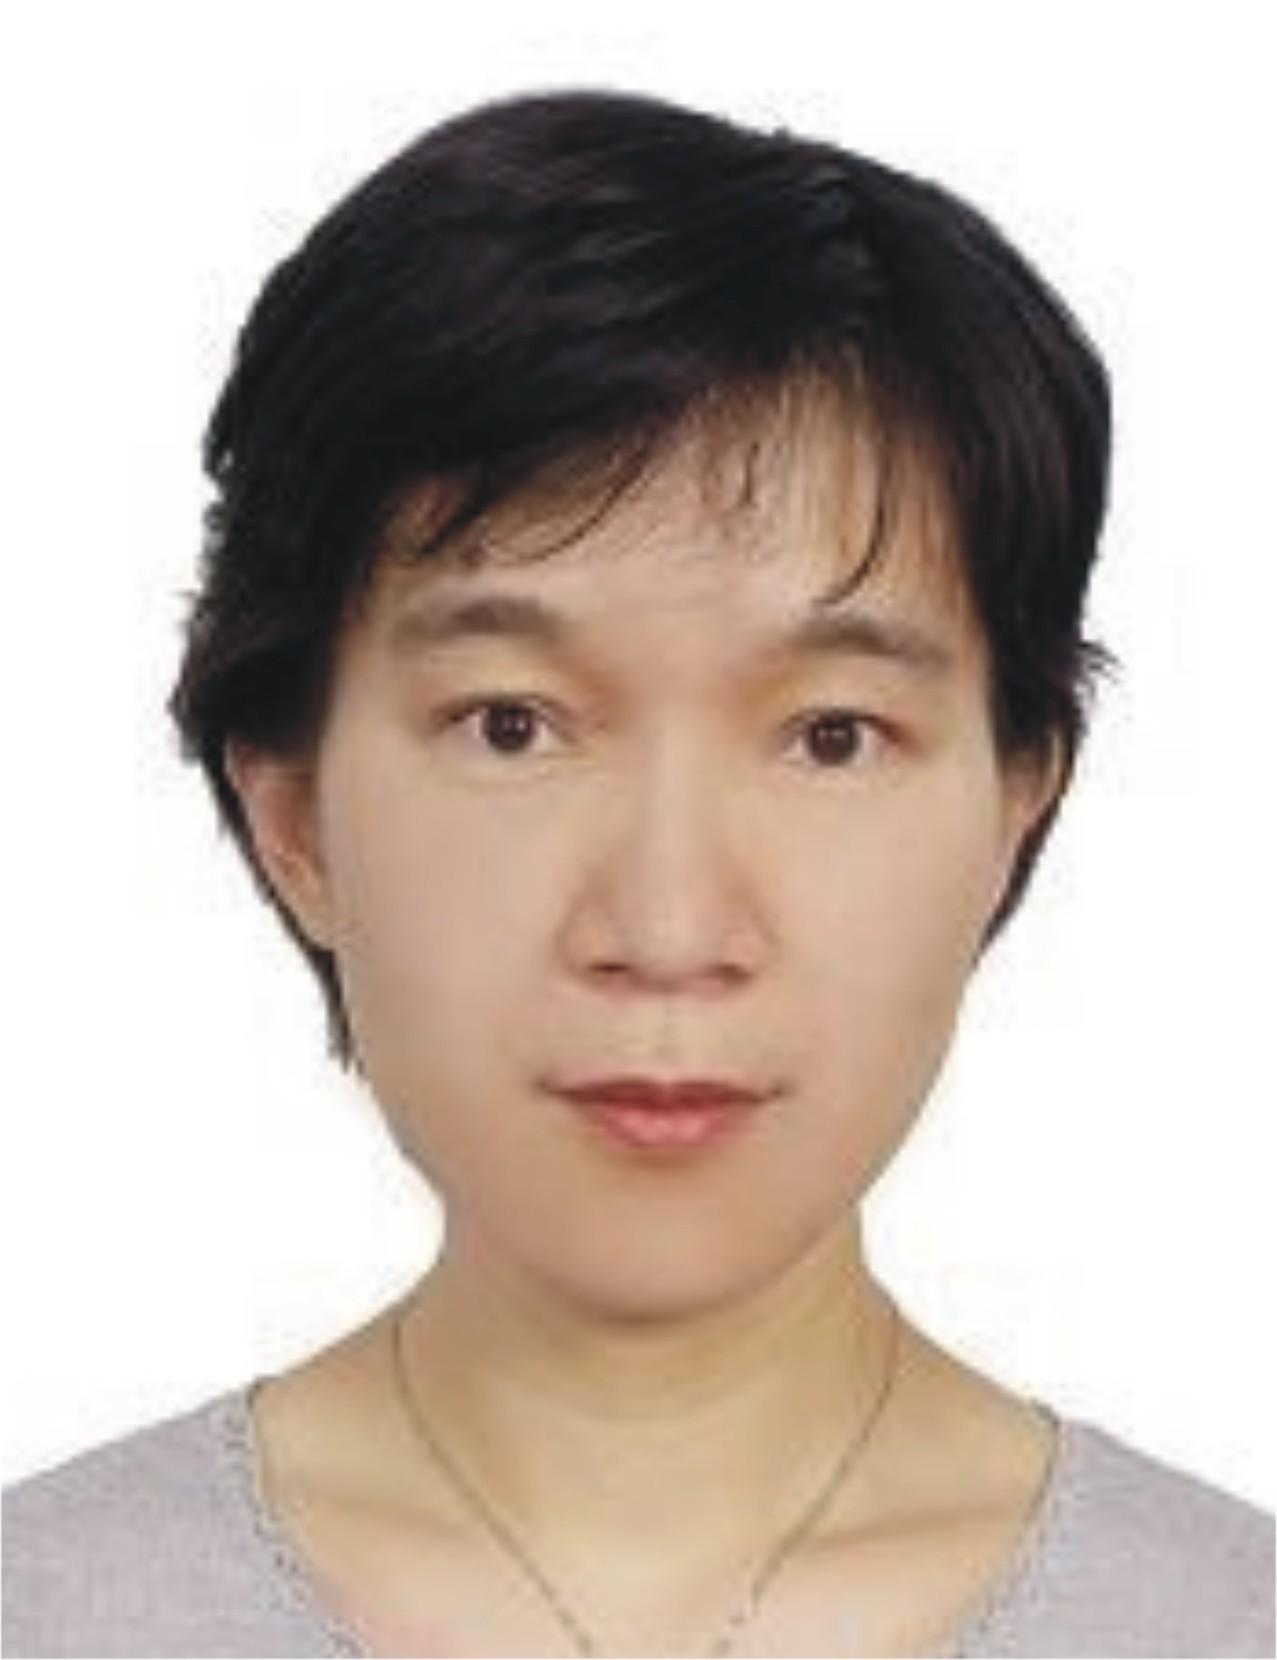 陳玉佳 CHEN Yu-Chia(圖片)